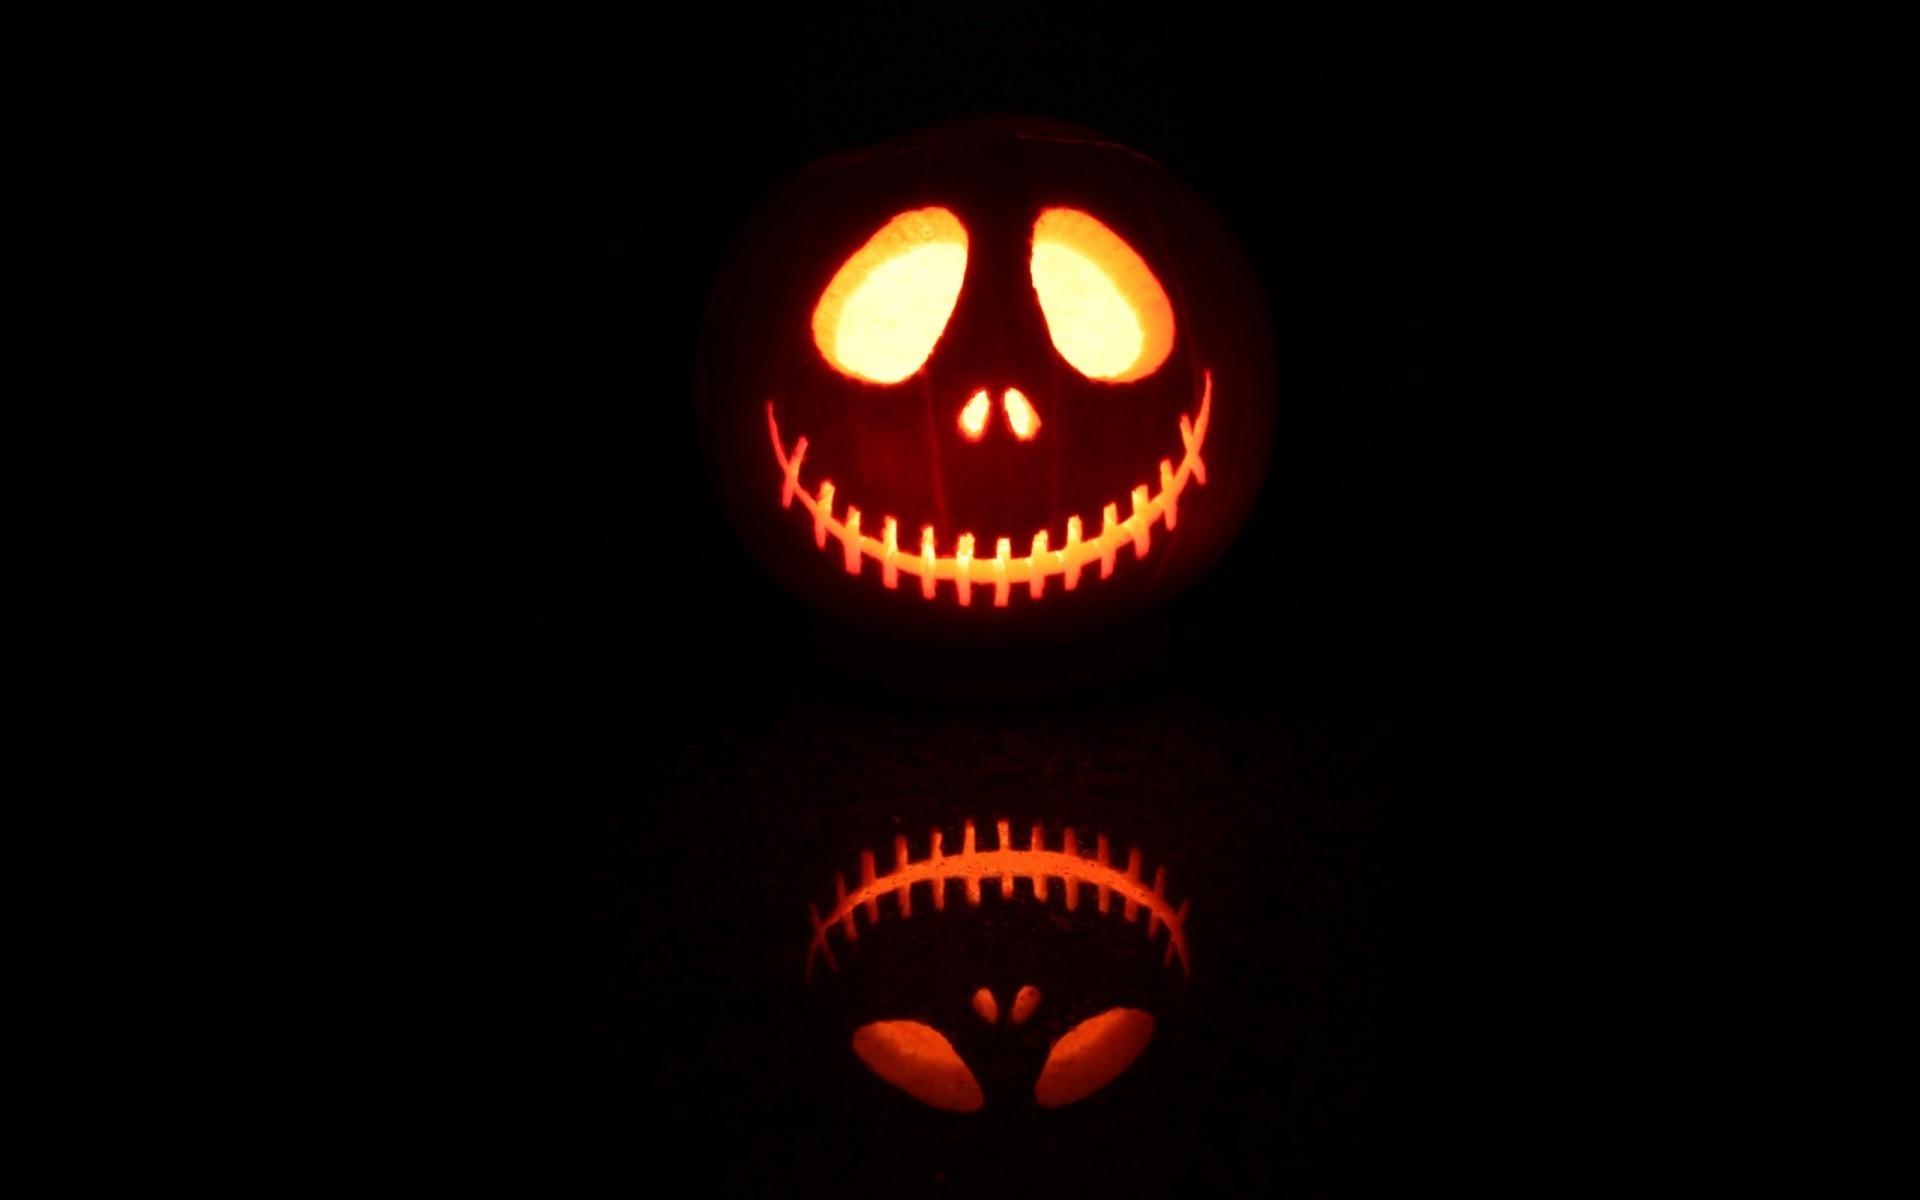 Good Wallpaper Halloween Facebook - 1185213-gorgerous-halloween-wallpaper-for-pc-1920x1200  Collection_738334.jpg